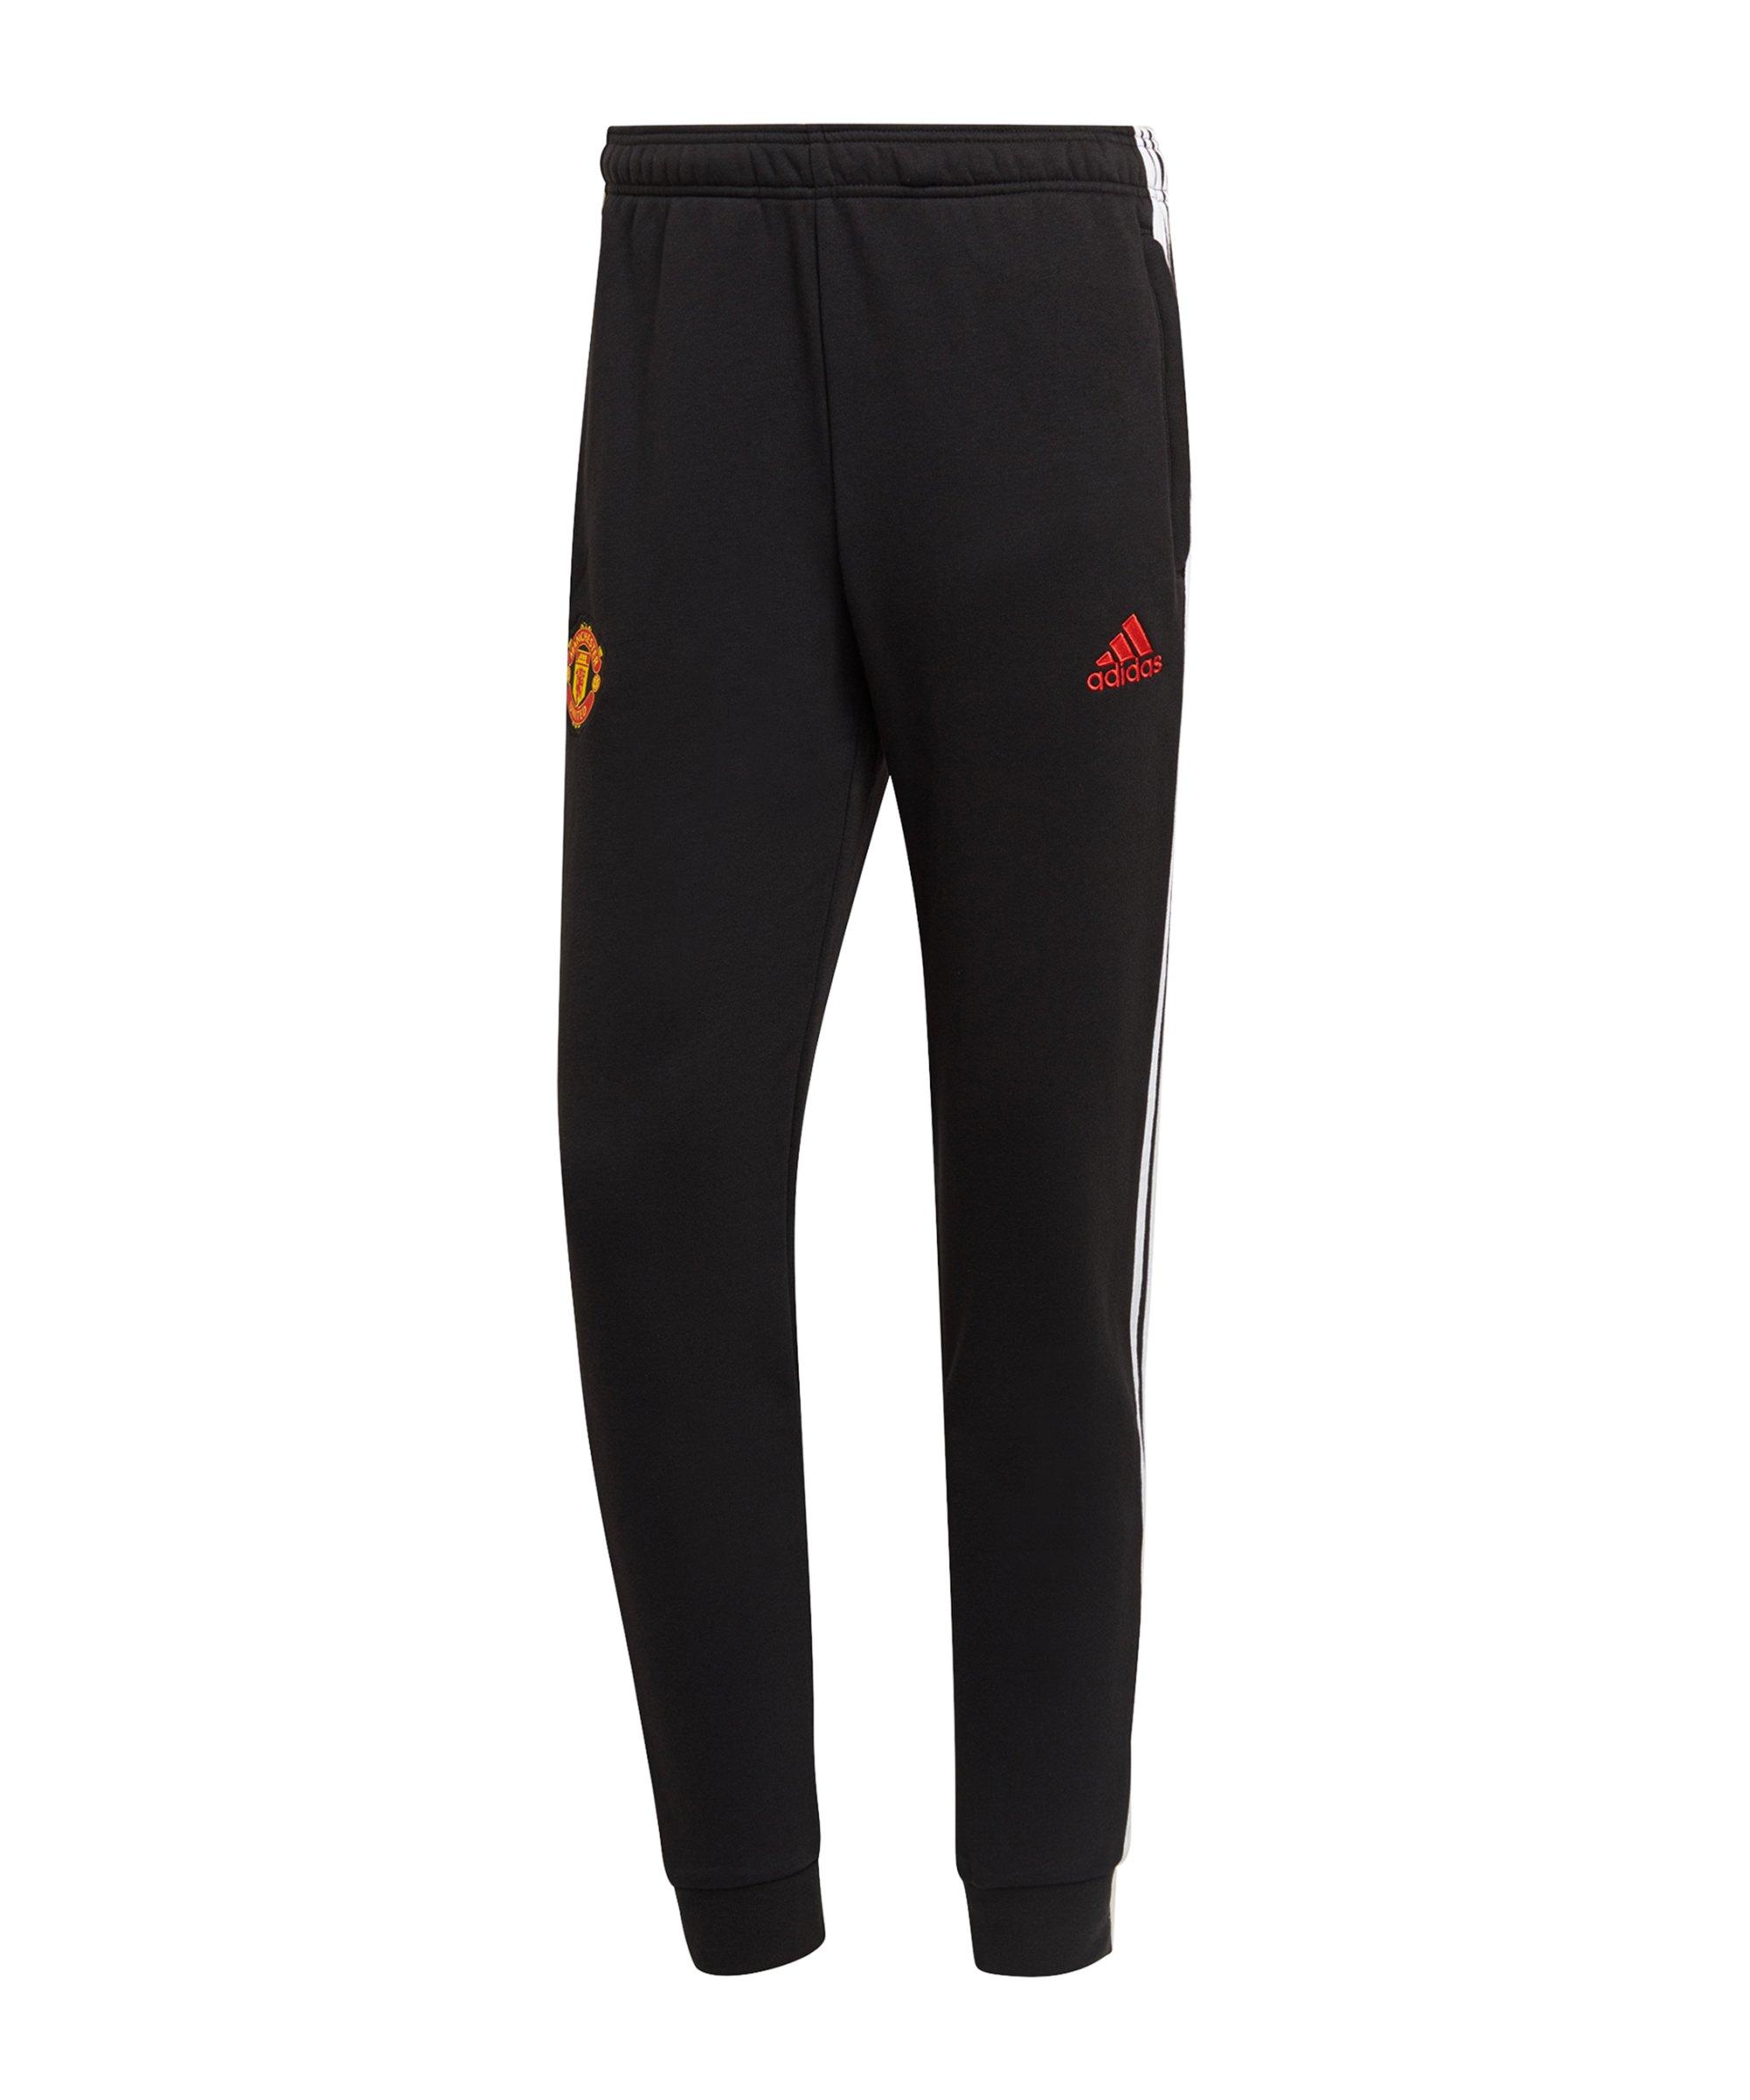 adidas Manchester United 3S Jogginghose Schwarz - schwarz